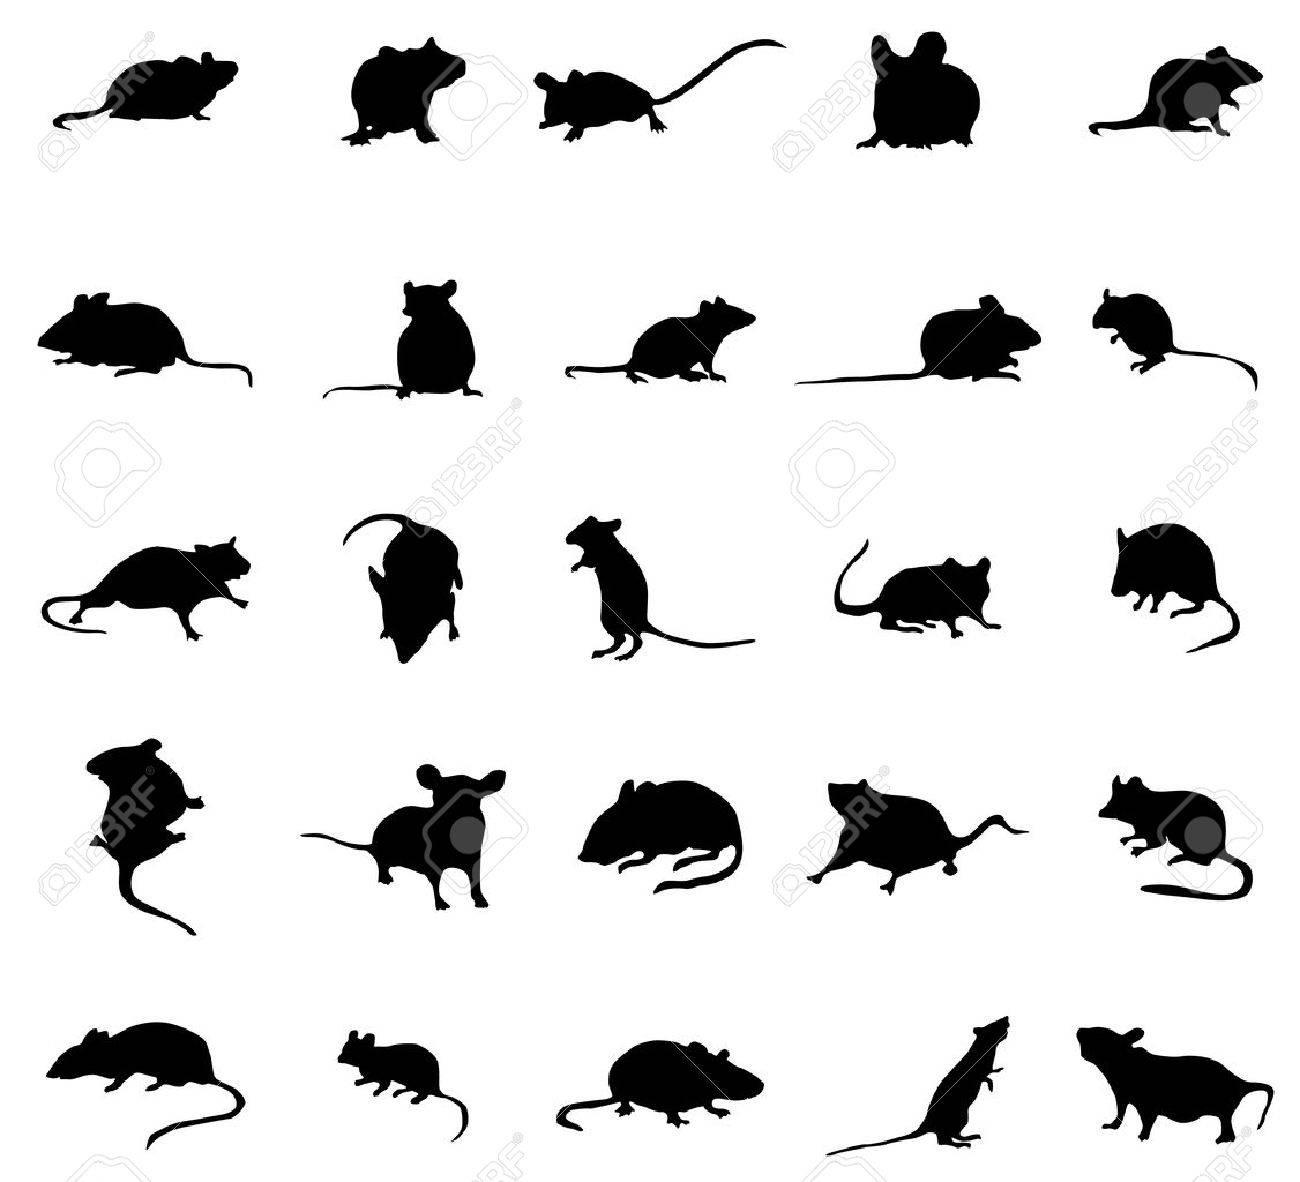 silhouettes souris set isolé sur fond blanc Banque d'images - 47990722